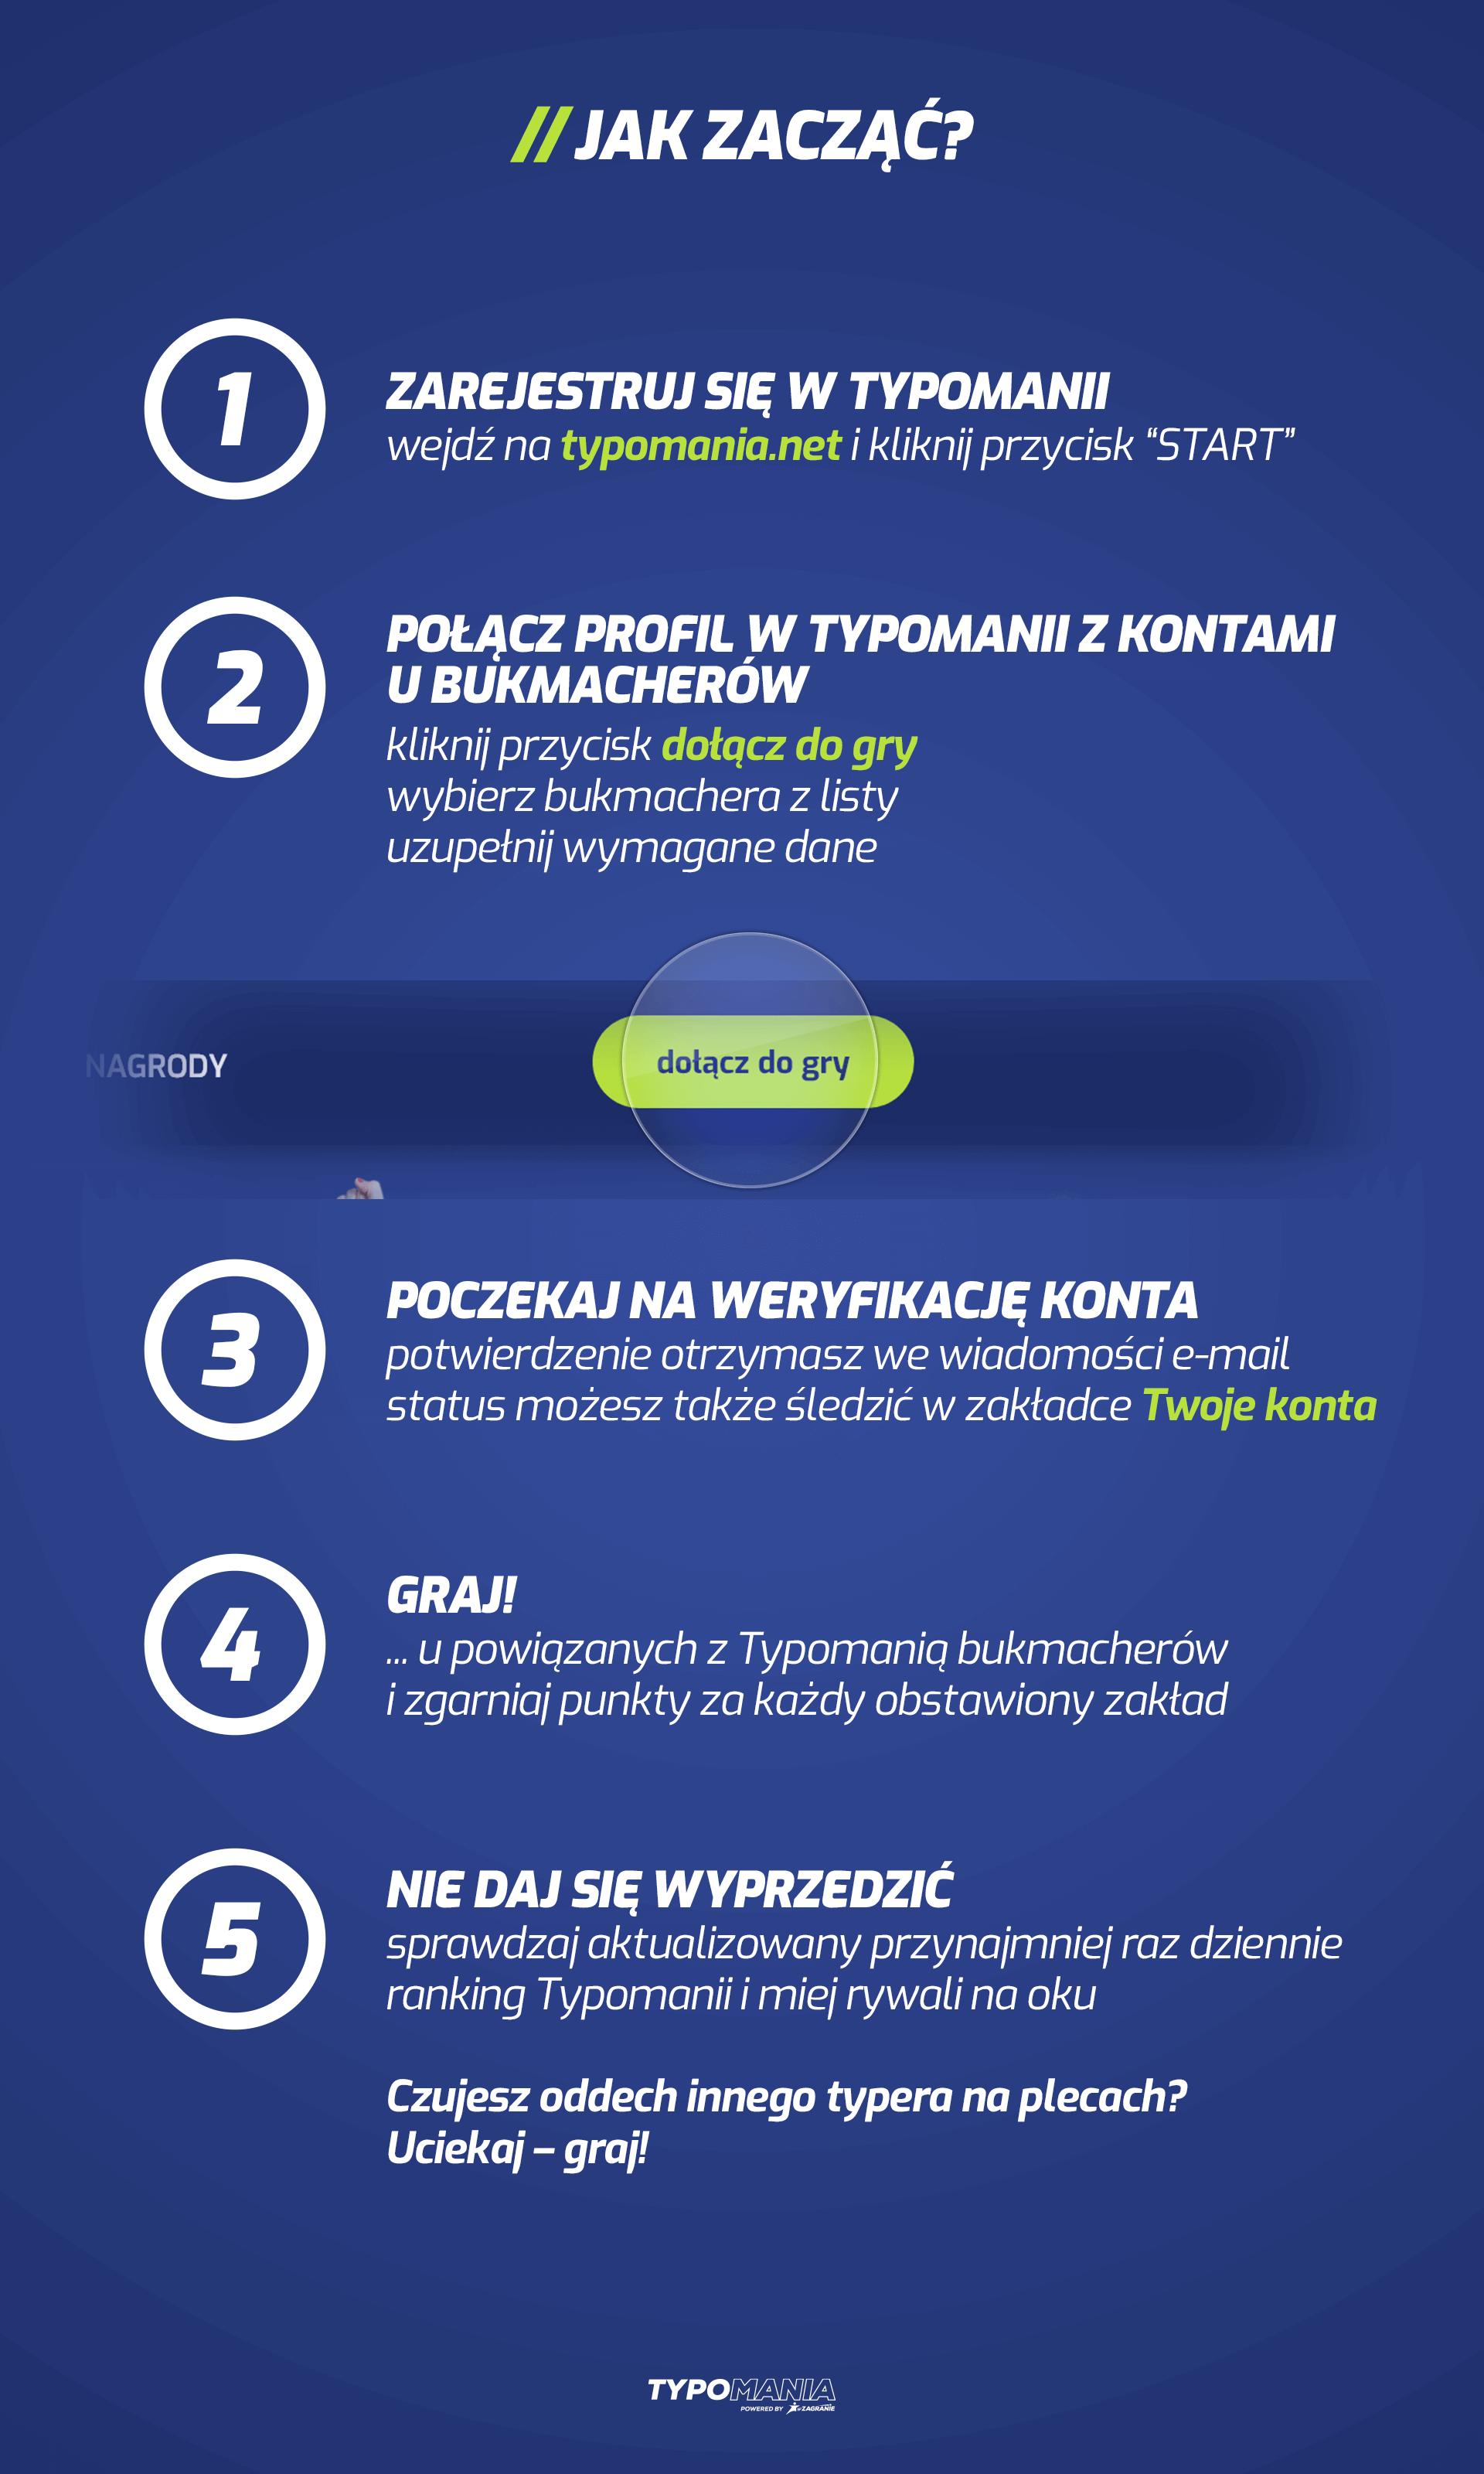 zasady dołączenia do gry w typomanii